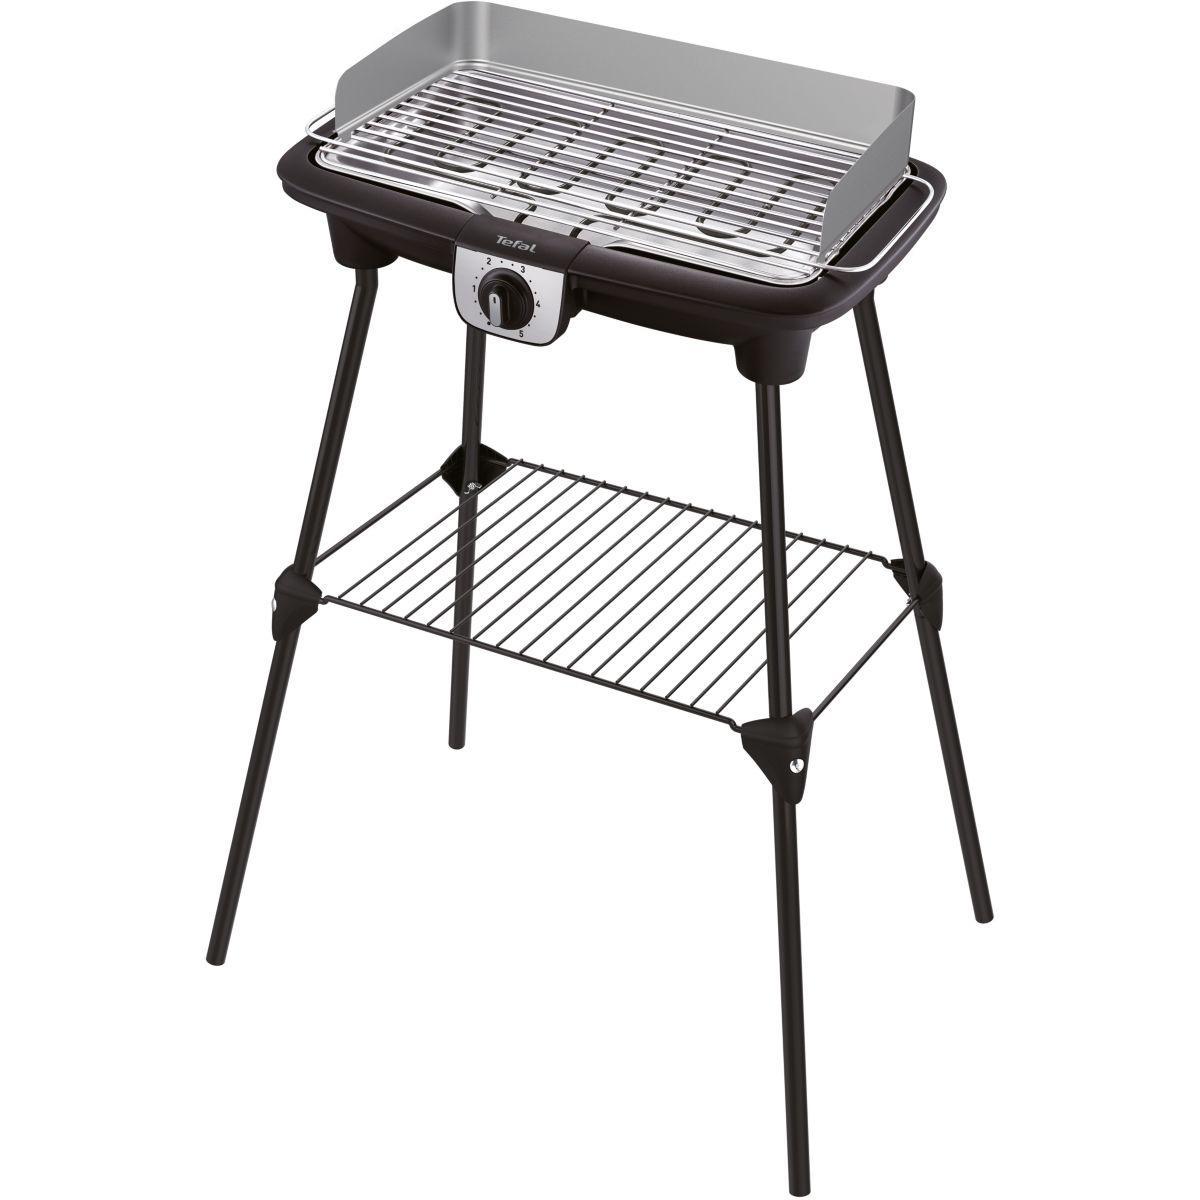 Barbecue �lectrique tefal easygrill xxl pieds bg921812 - livraison offerte : code premium (photo)